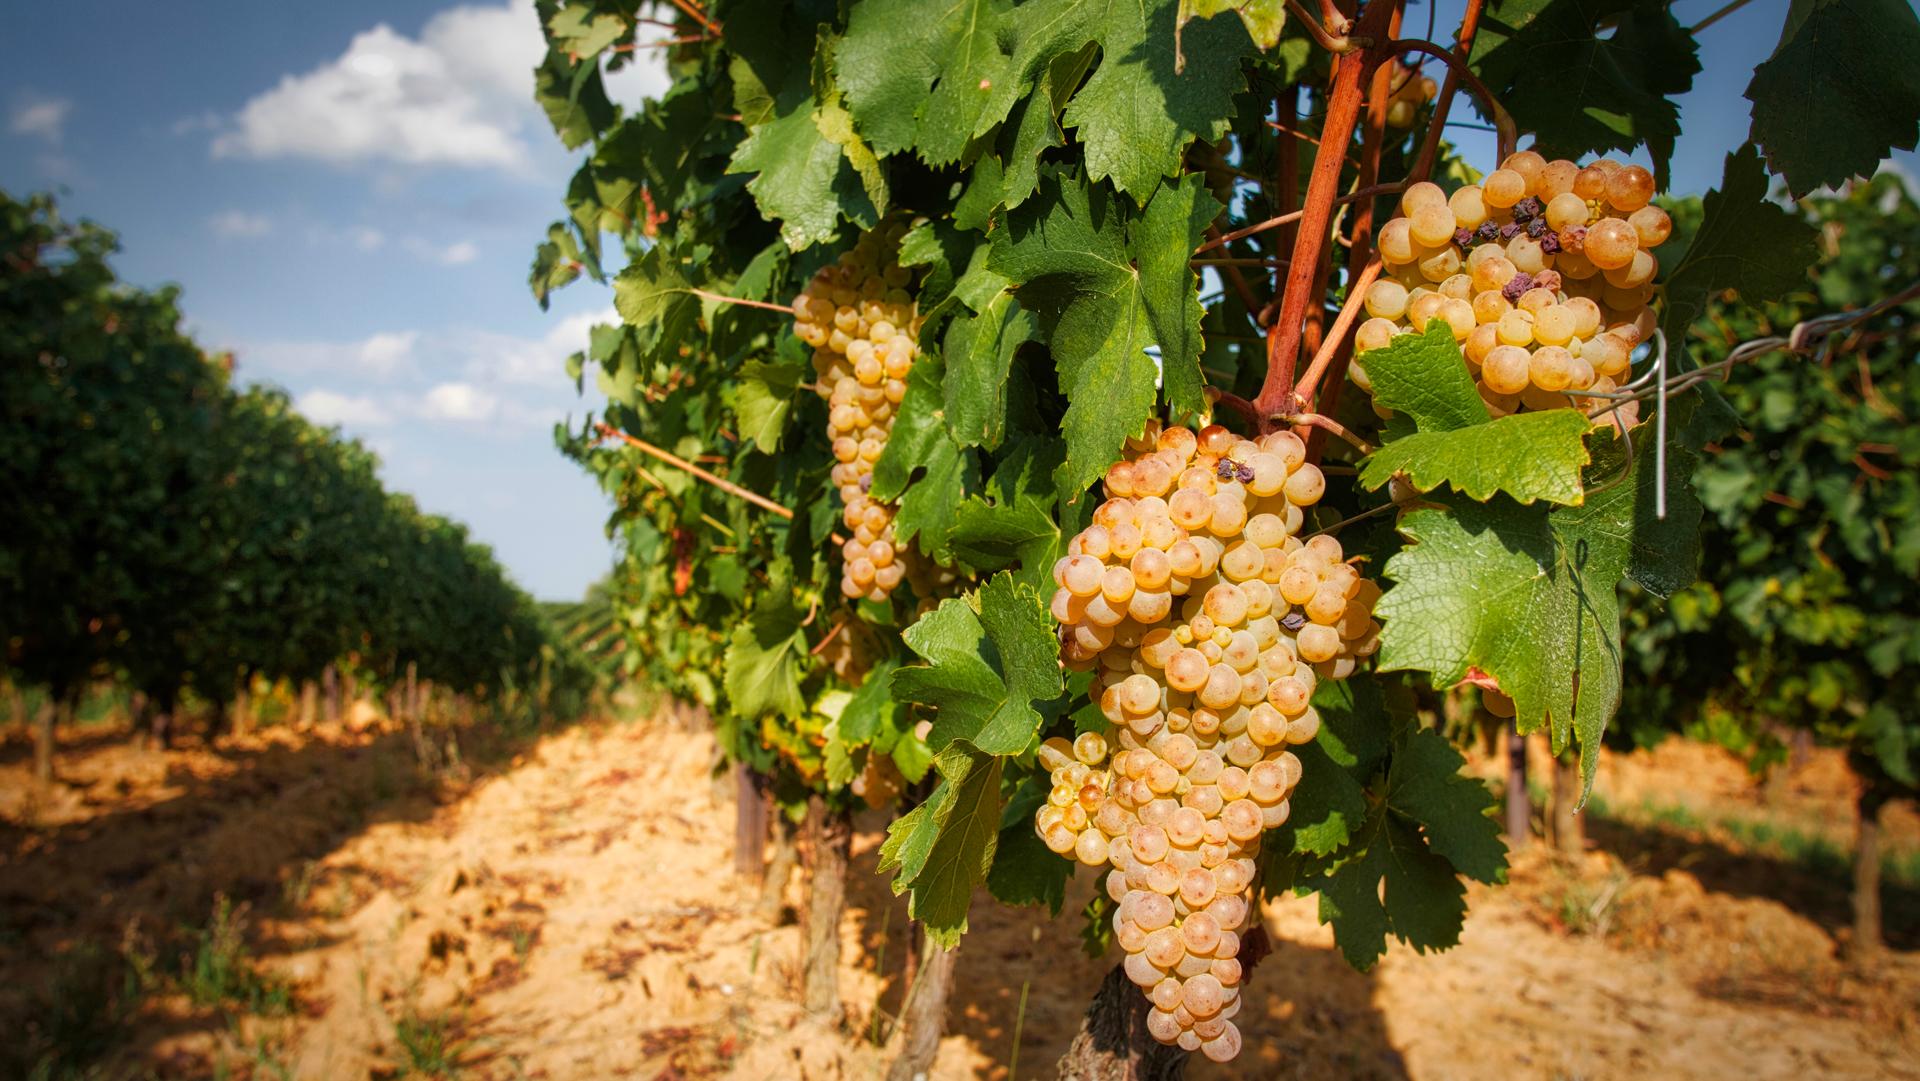 Vigneto e uva bianca - Enoteca Ovada e Monferrato